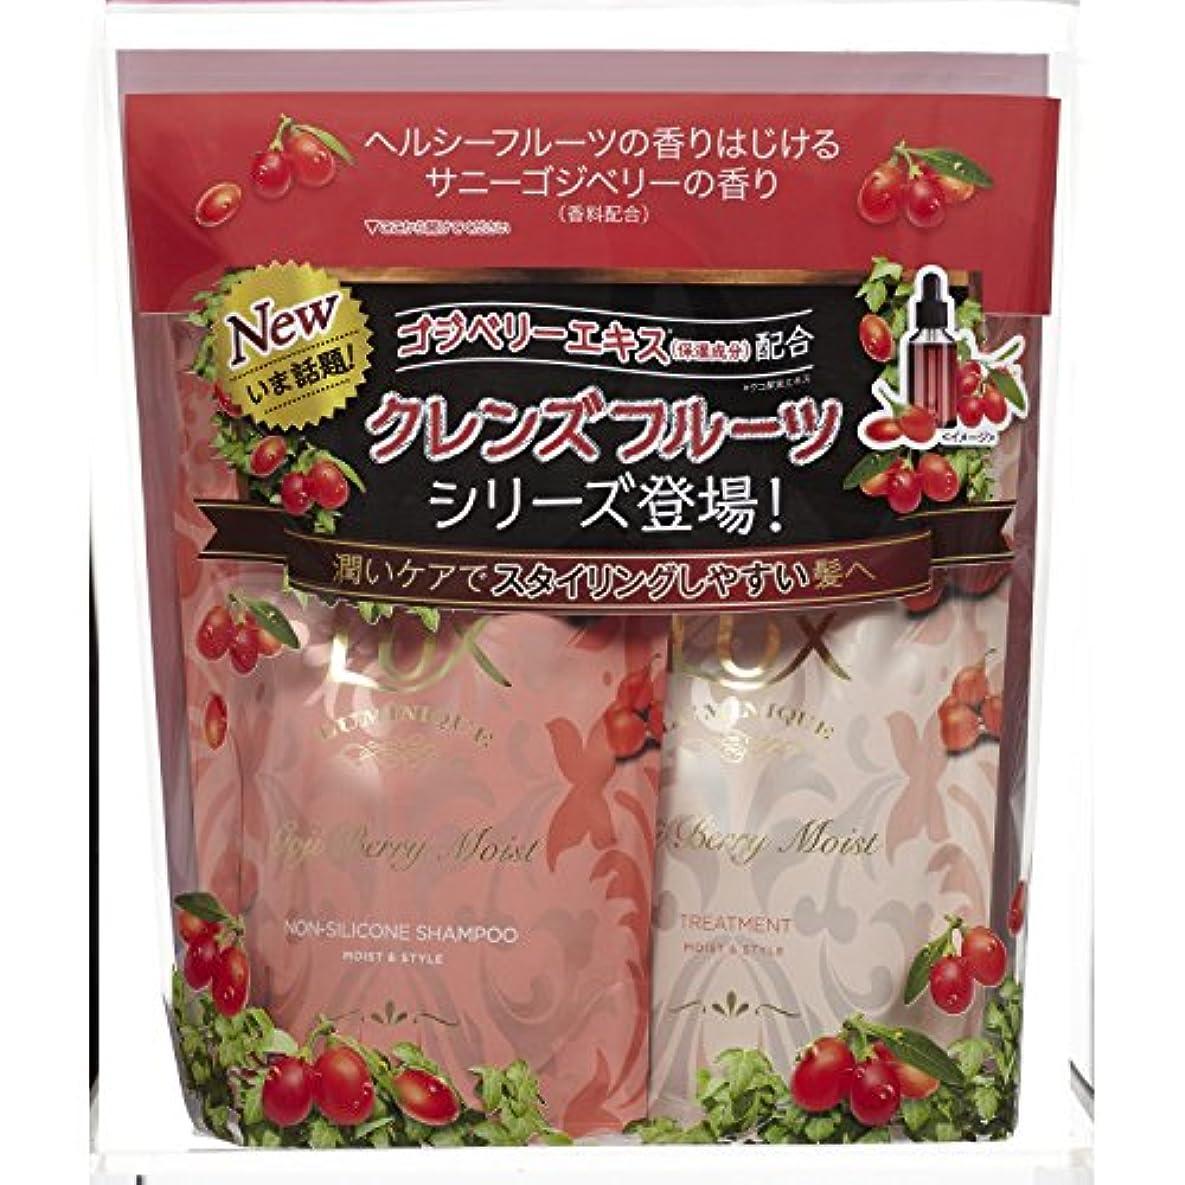 ごみ横再編成するラックス ルミニーク ゴジベリーモイスト (サニーゴジベリーの香り) つめかえ用ペア 350g+350g